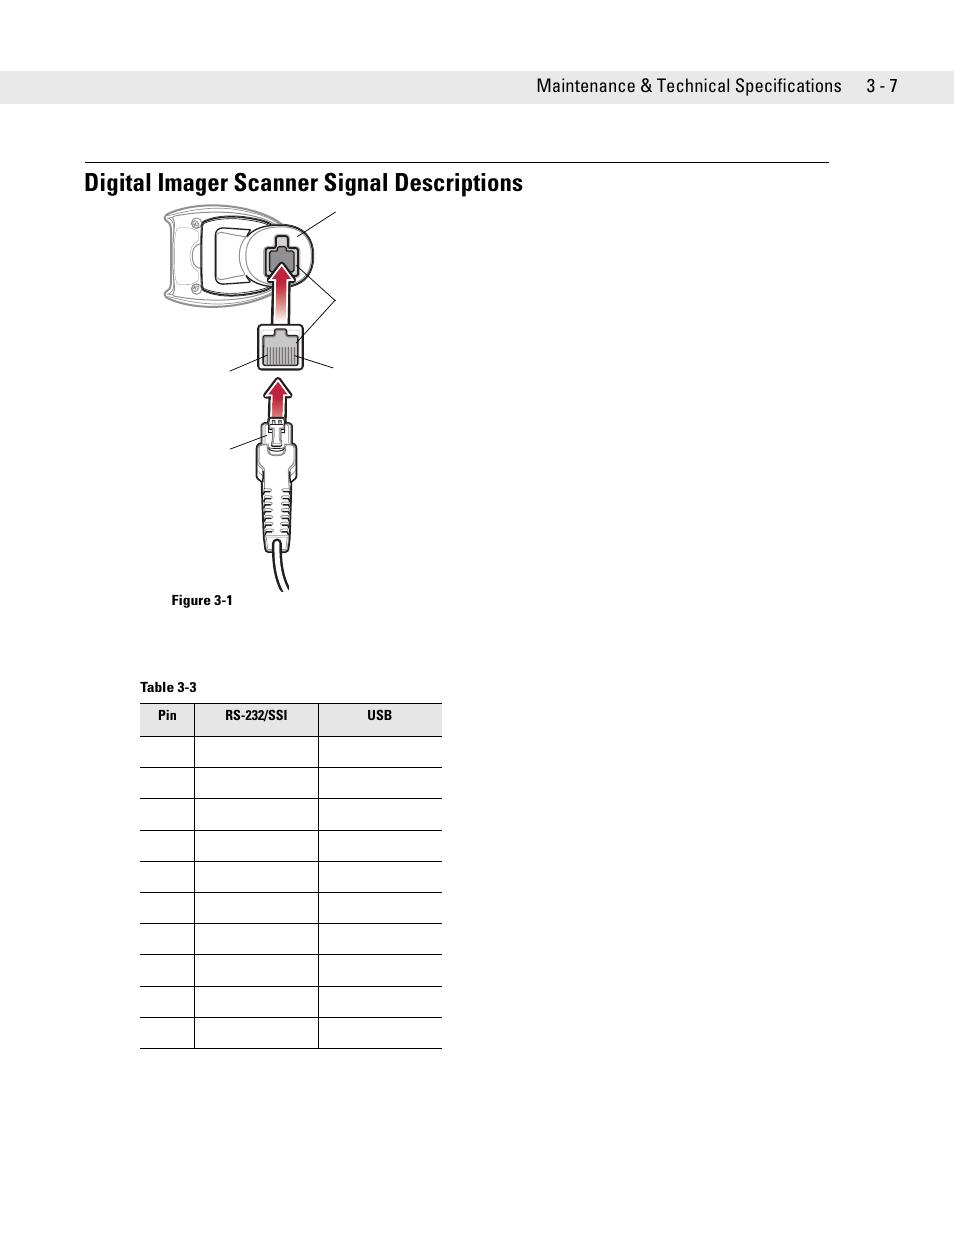 Digital Imager Scanner Signal Descriptions Digital Imager Scanner